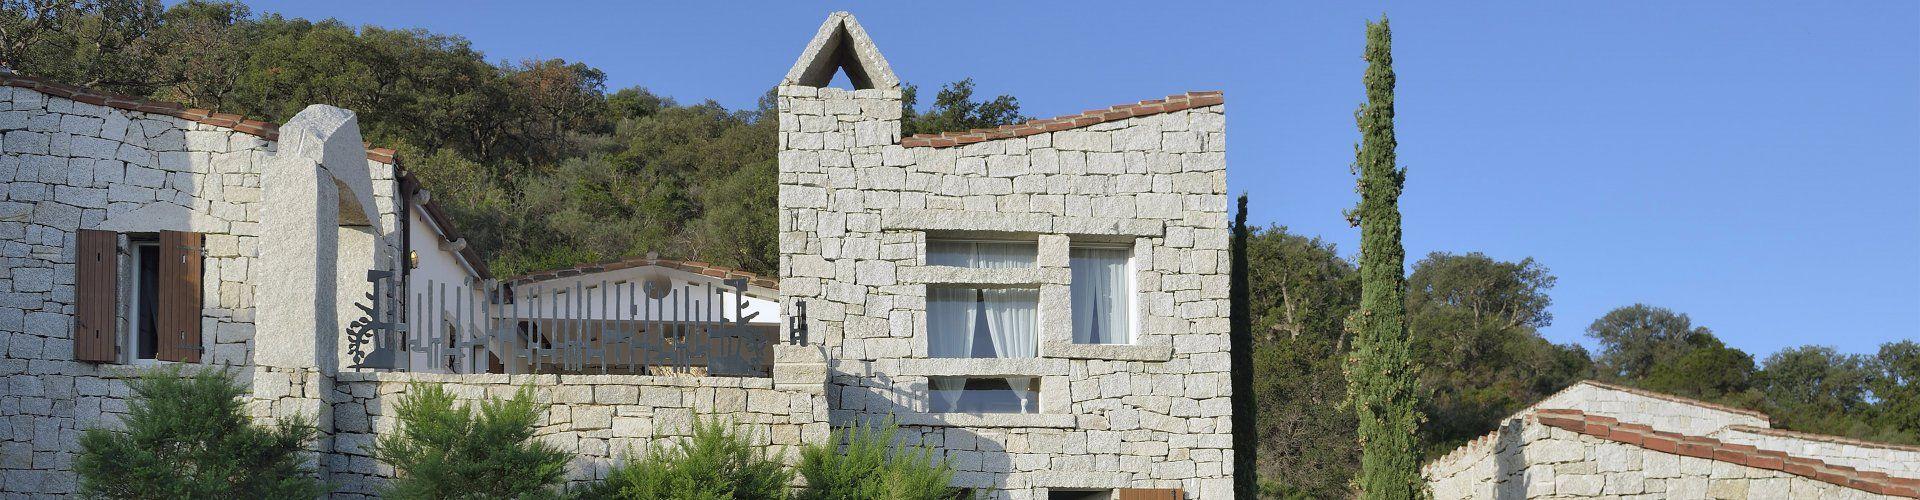 Ferienvilla mit Garten in Süd-Ost Sardinien